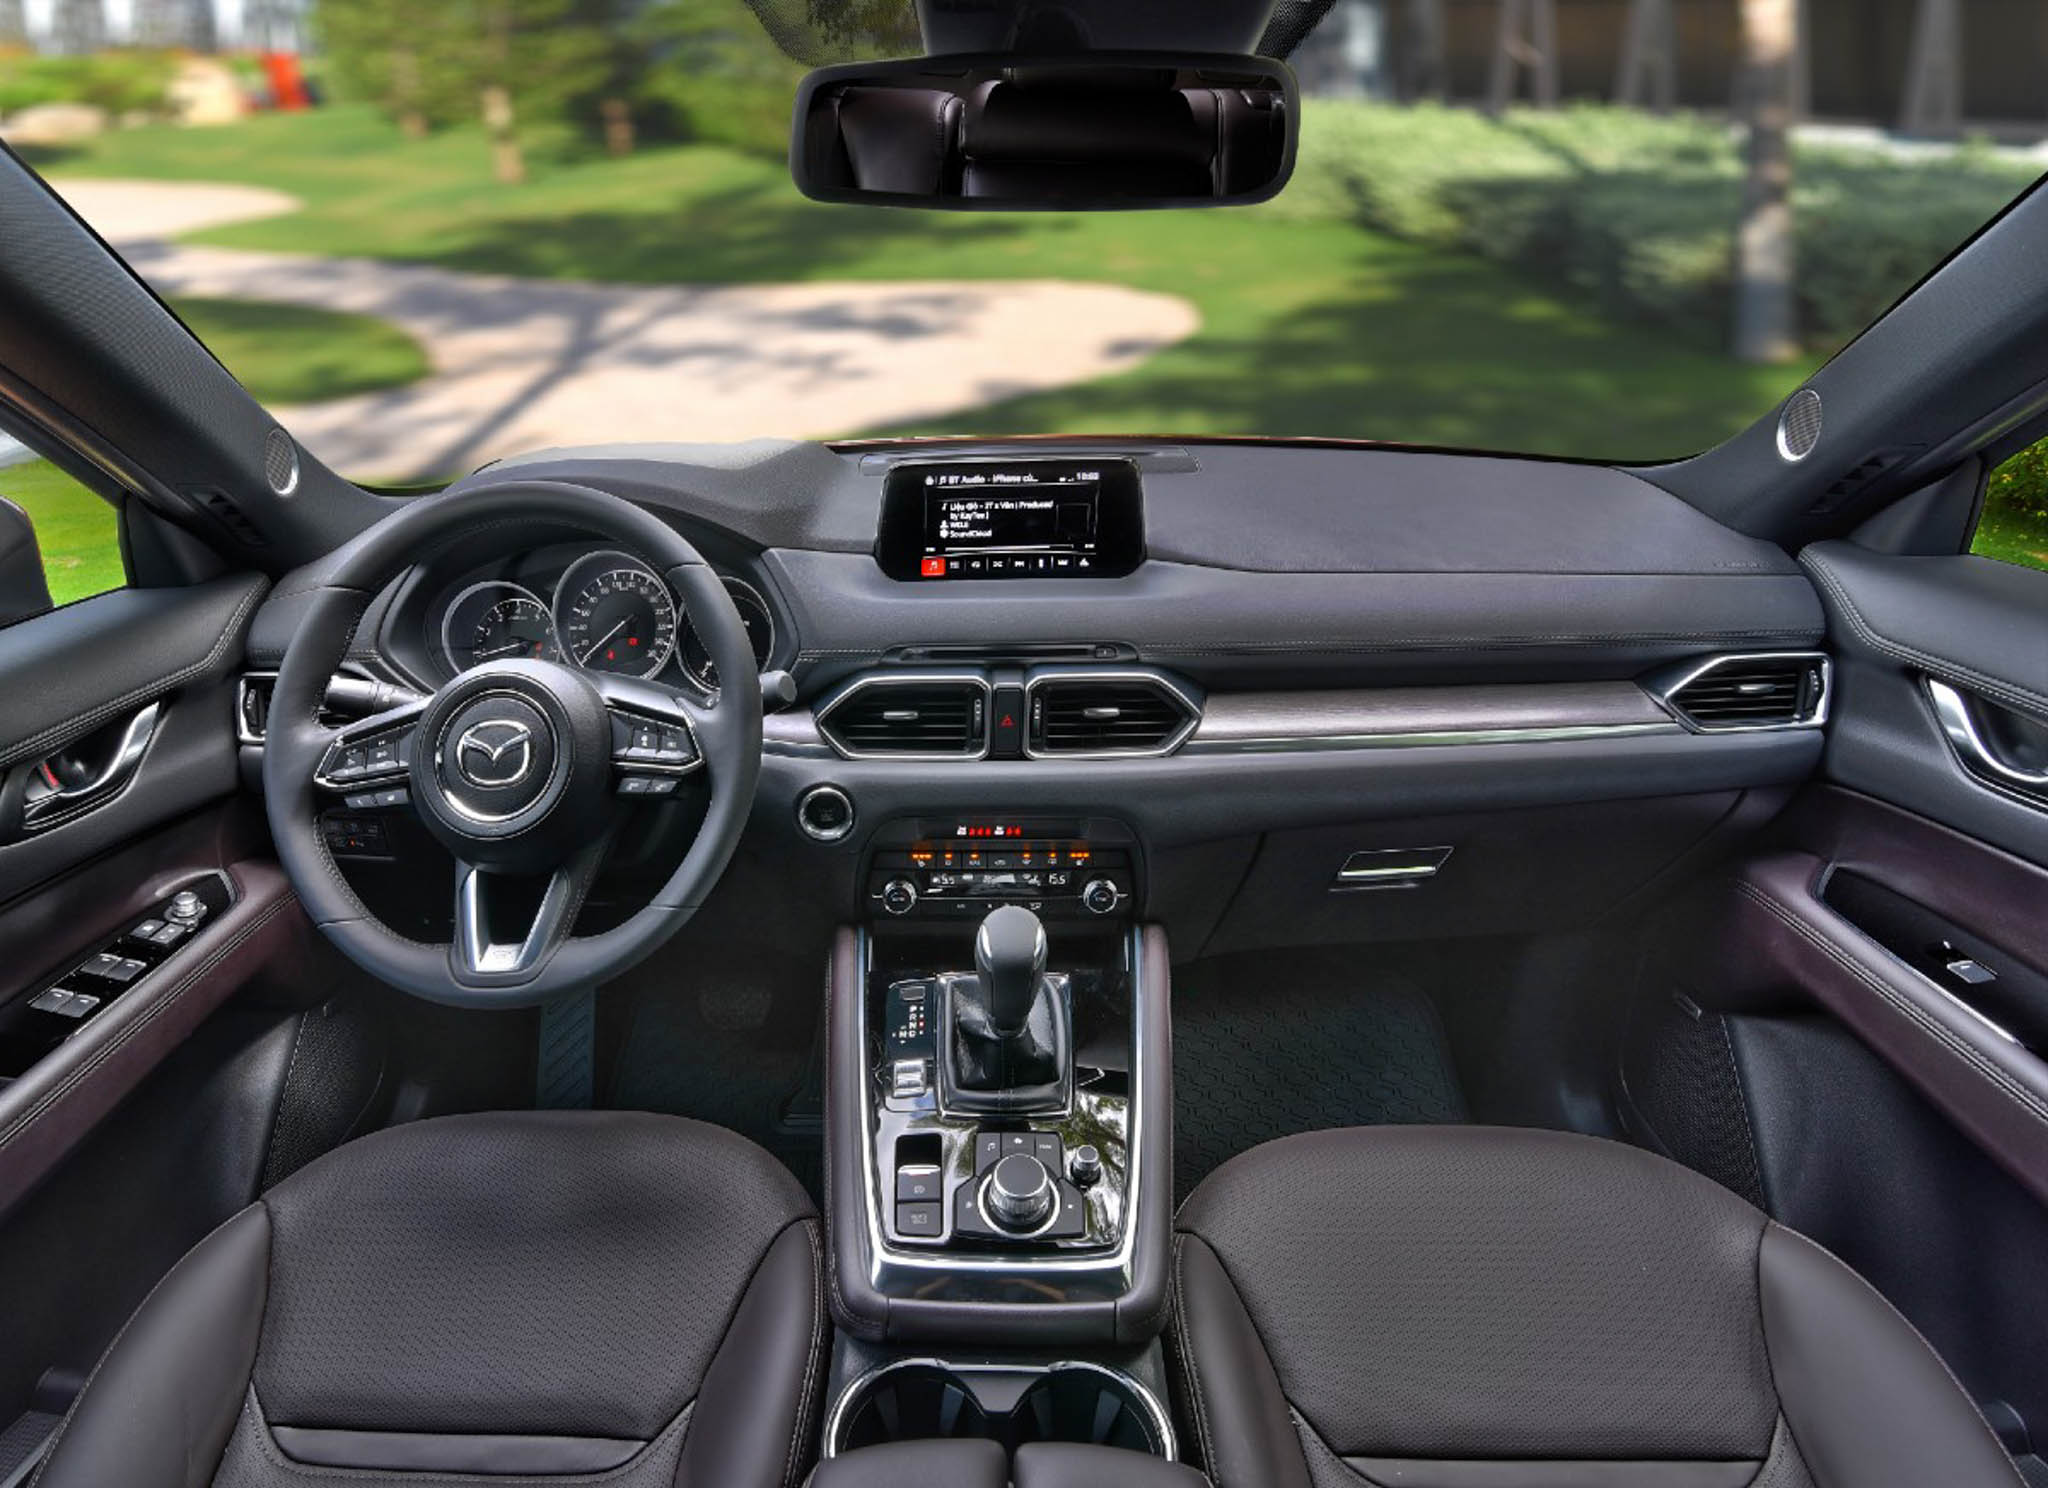 THACO nhận đặt cọc Mazda CX-8 phiên bản Deluxe có giá 1,149 tỷ đồng - 3